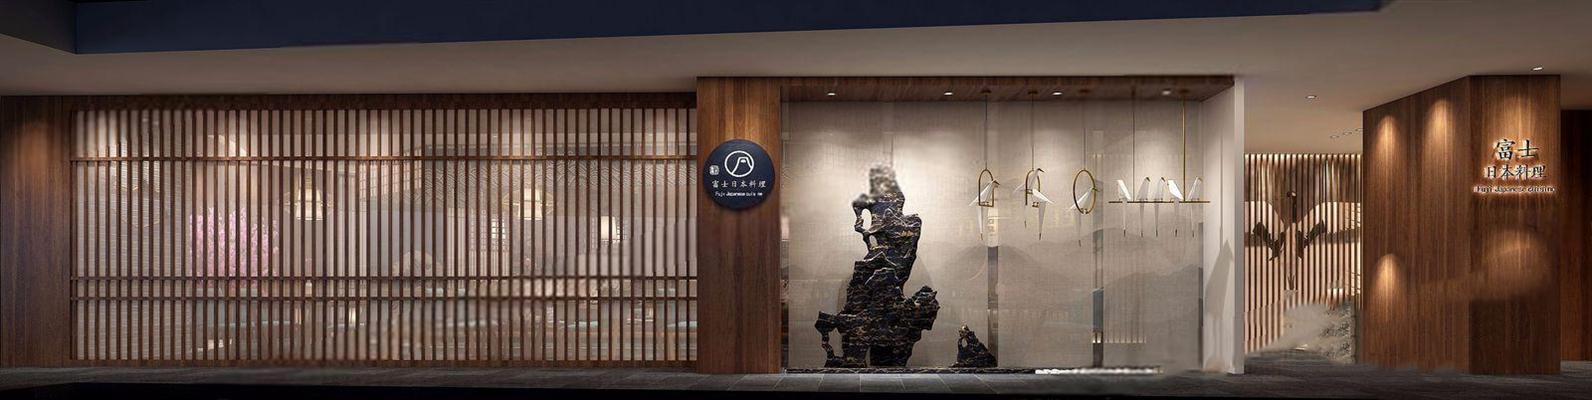 日本料理店3D模型【ID:528276535】